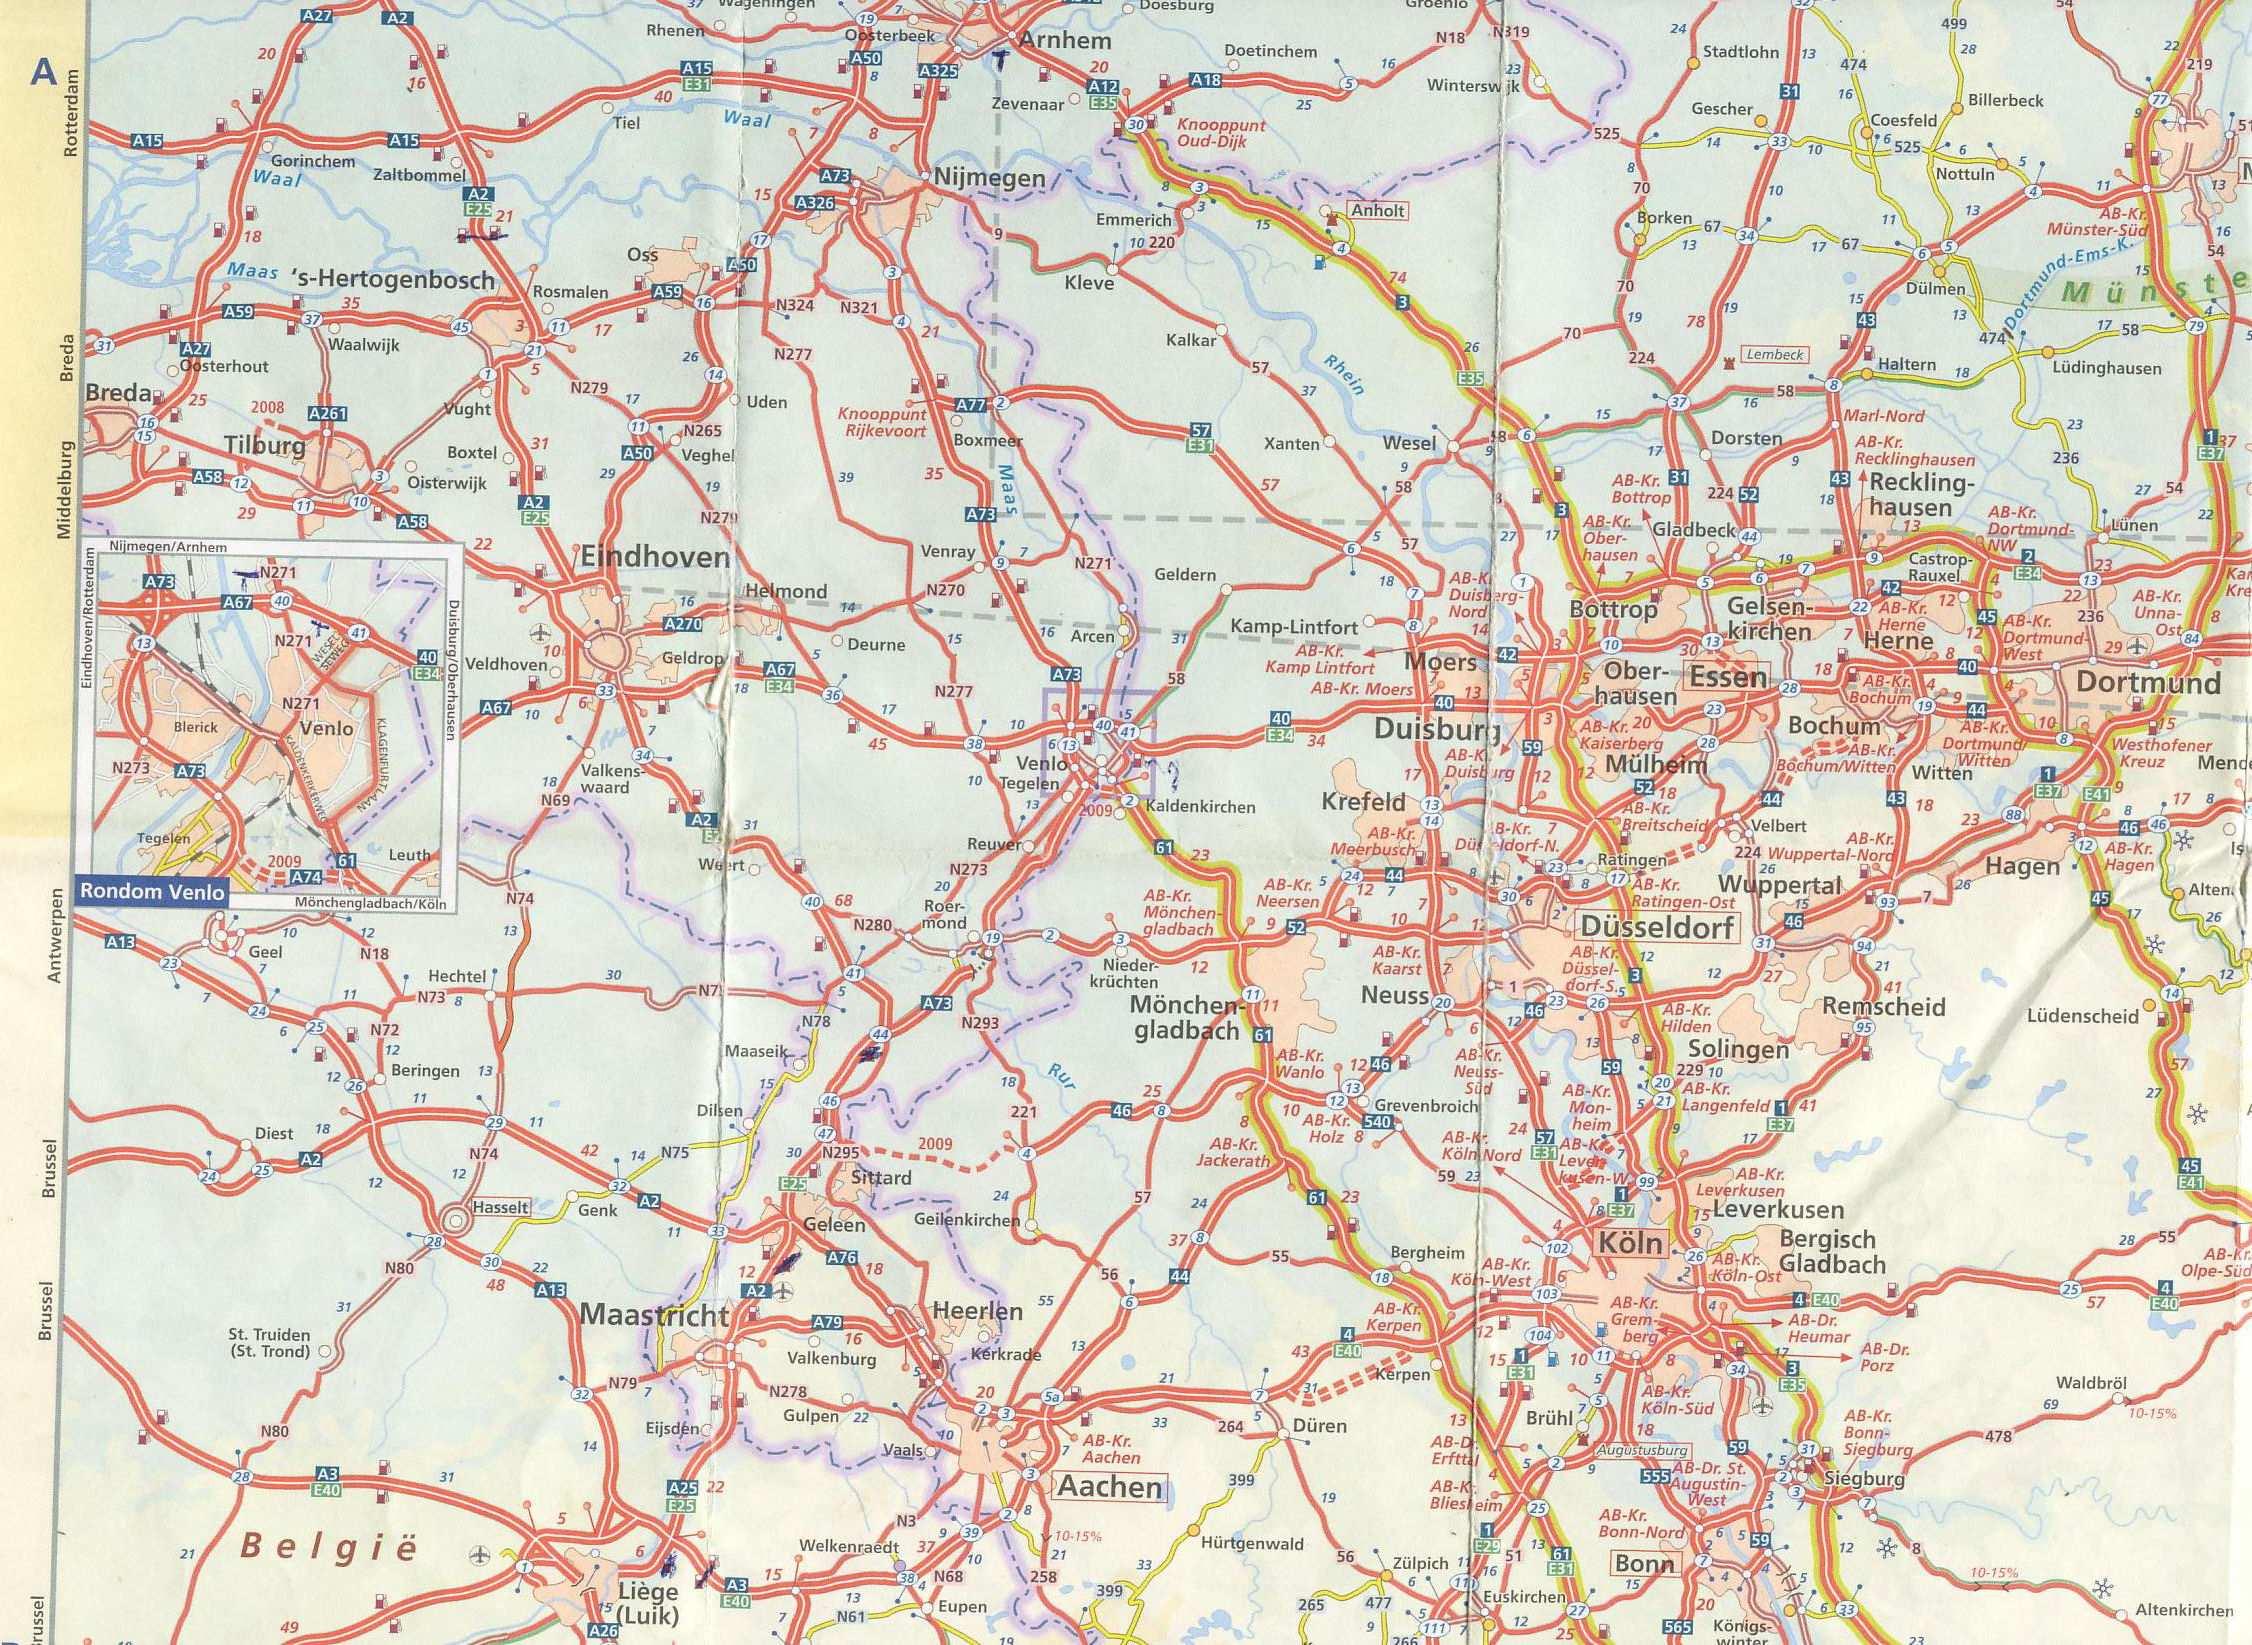 Stadtplan Von Maastricht Detaillierte Gedruckte Karten